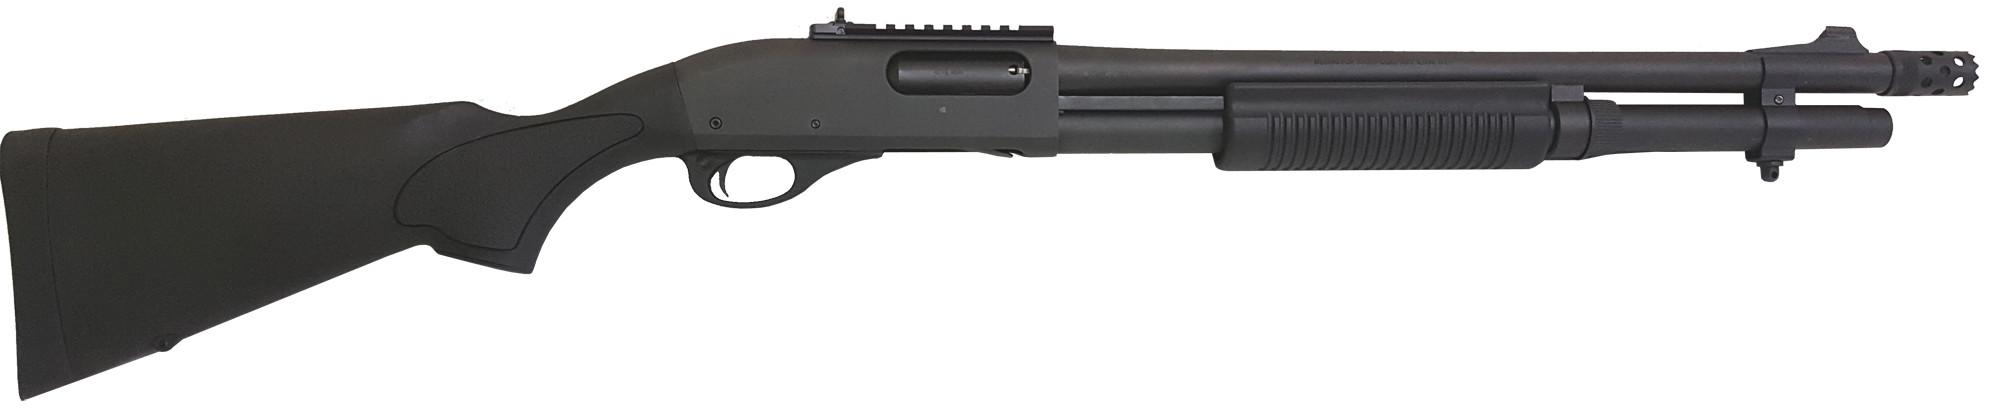 Remington Vorderschaft-Repetierflinte 870 Express Tactical mit Ghost Ring 12/76 Waffenstube Thalkirchen München Bayern Deutschland